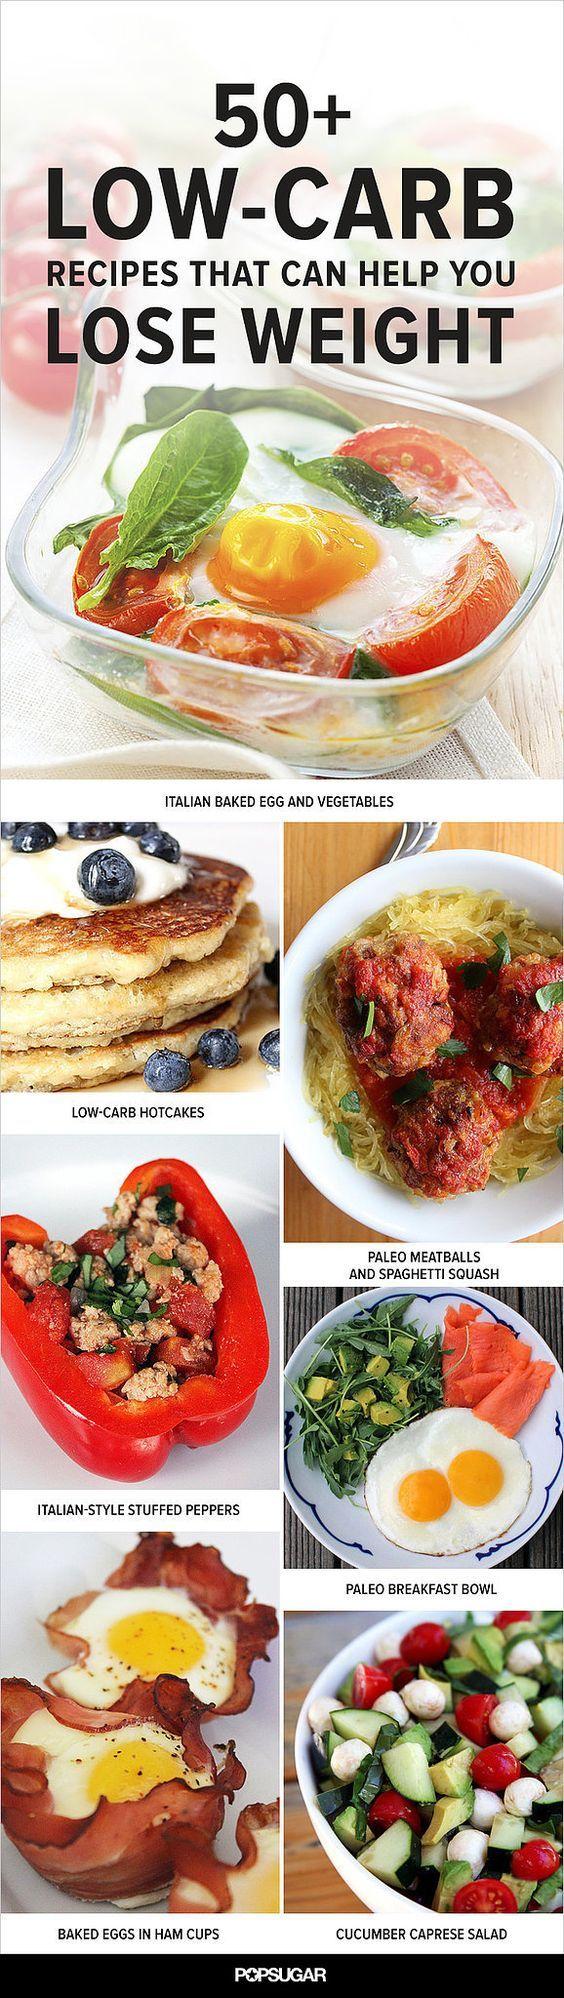 Kaiser Permanente Diet Plan - yaforum.ru